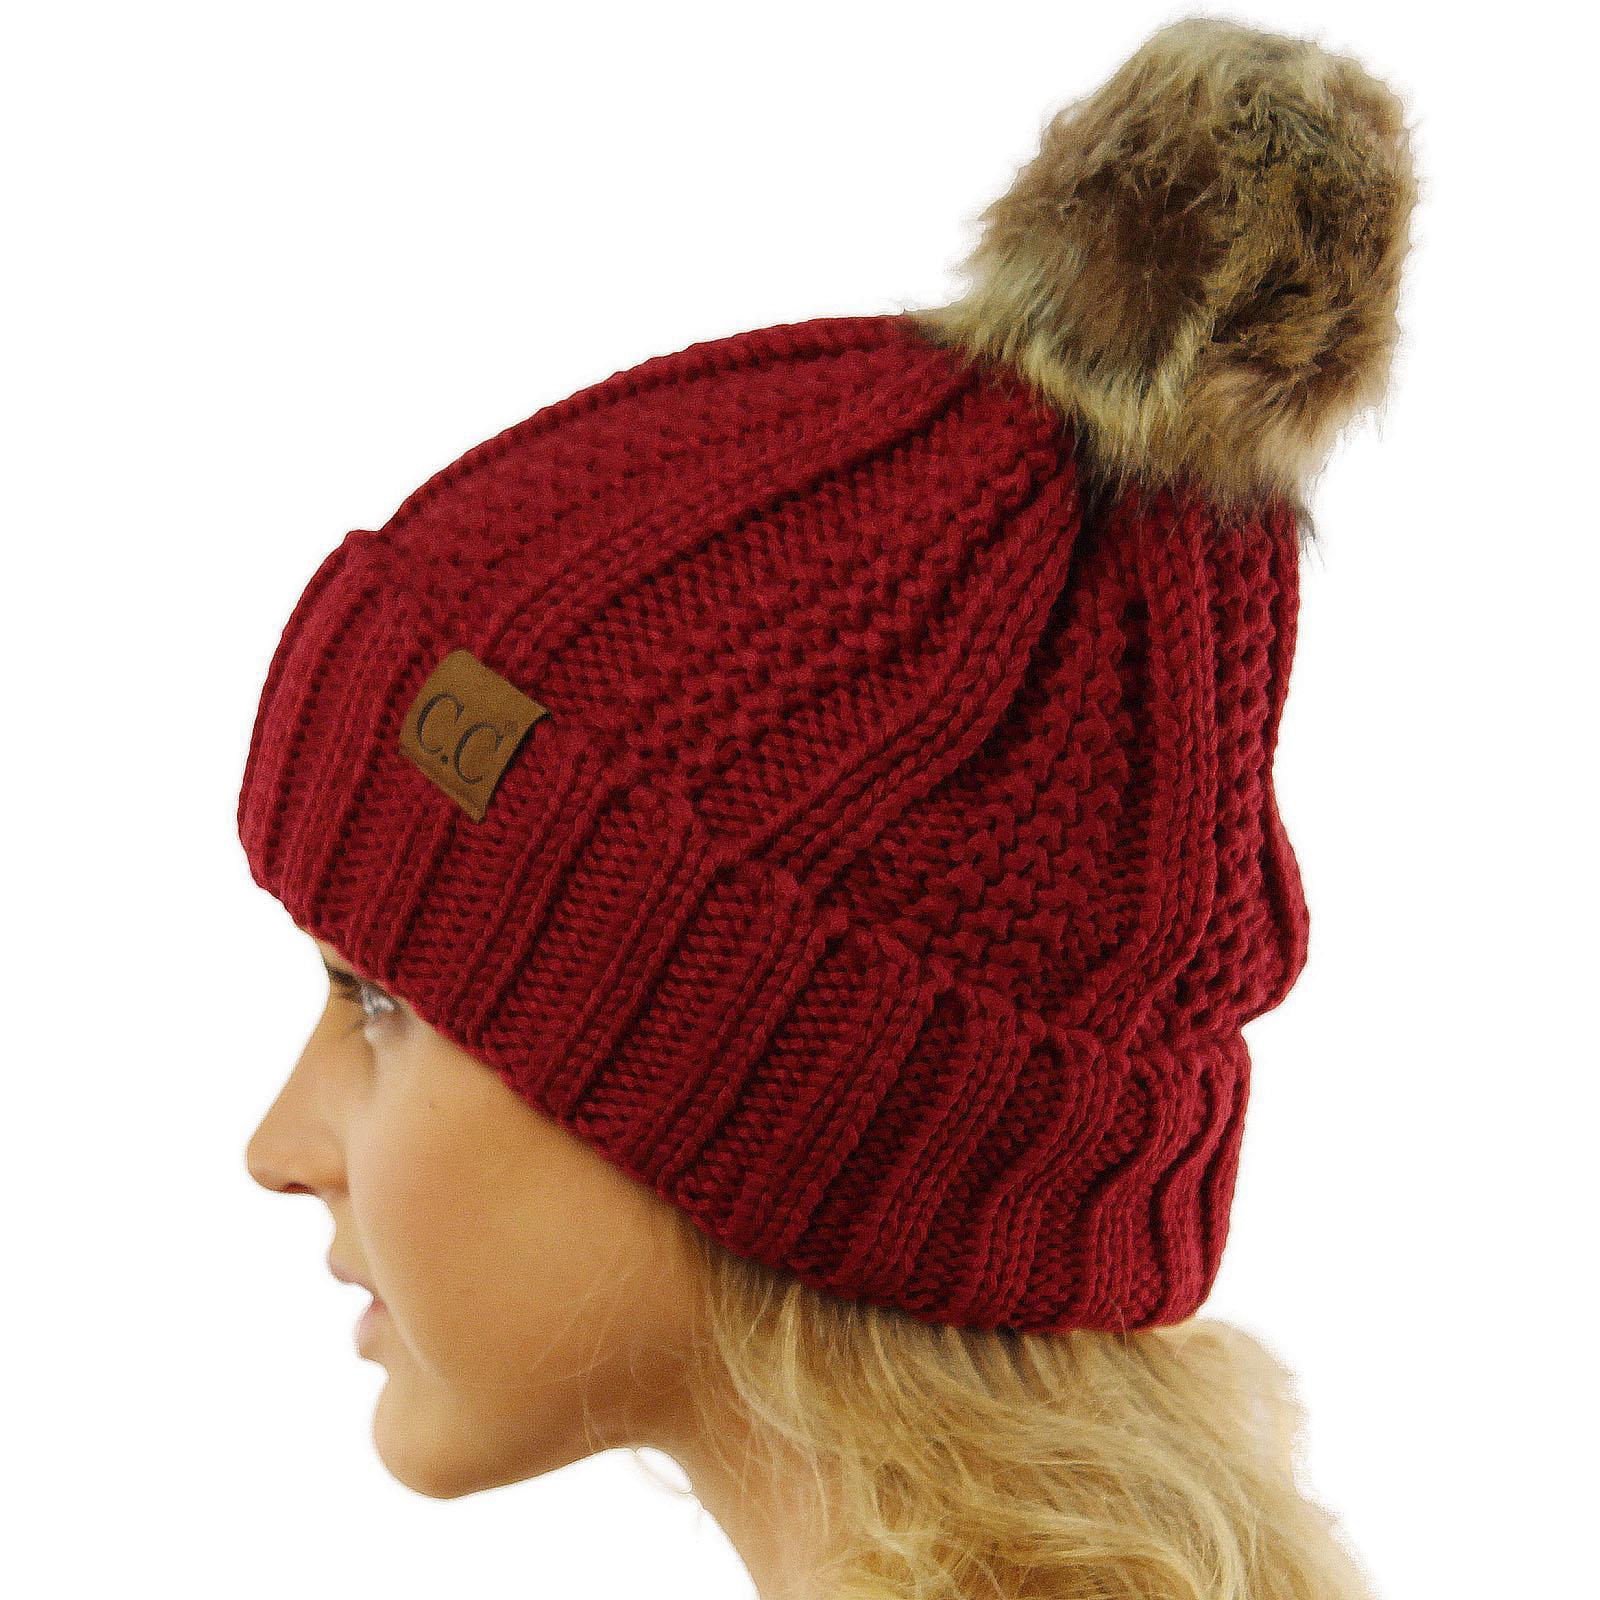 edaf8600577 CC Winter Sherpa Fleeced Lined Chunky Knit Stretch Pom Pom Beanie Hat Cap